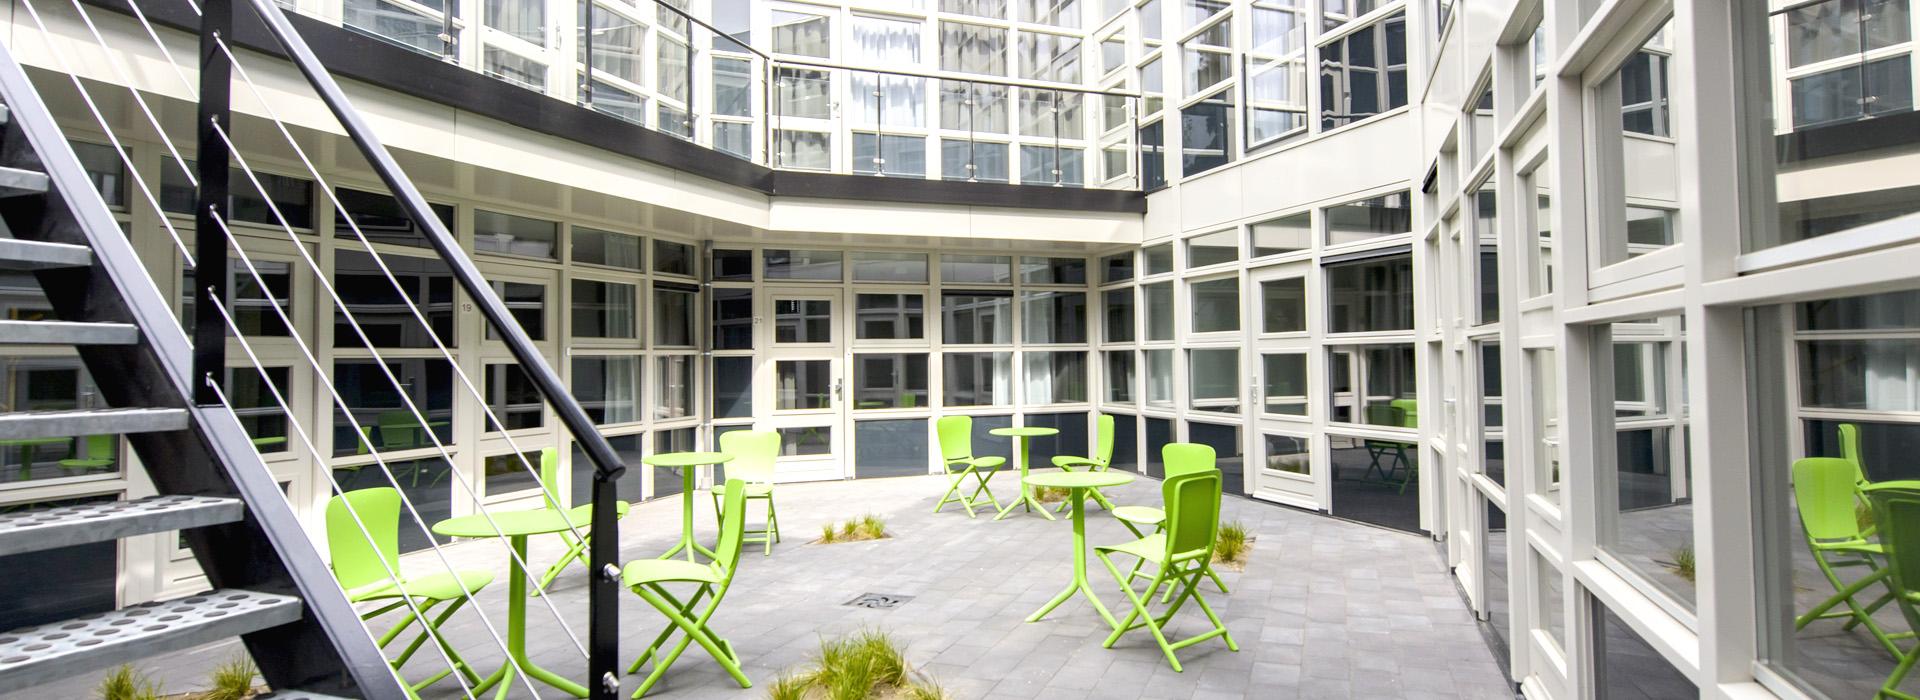 communal garden in The Rock in Eindhoven